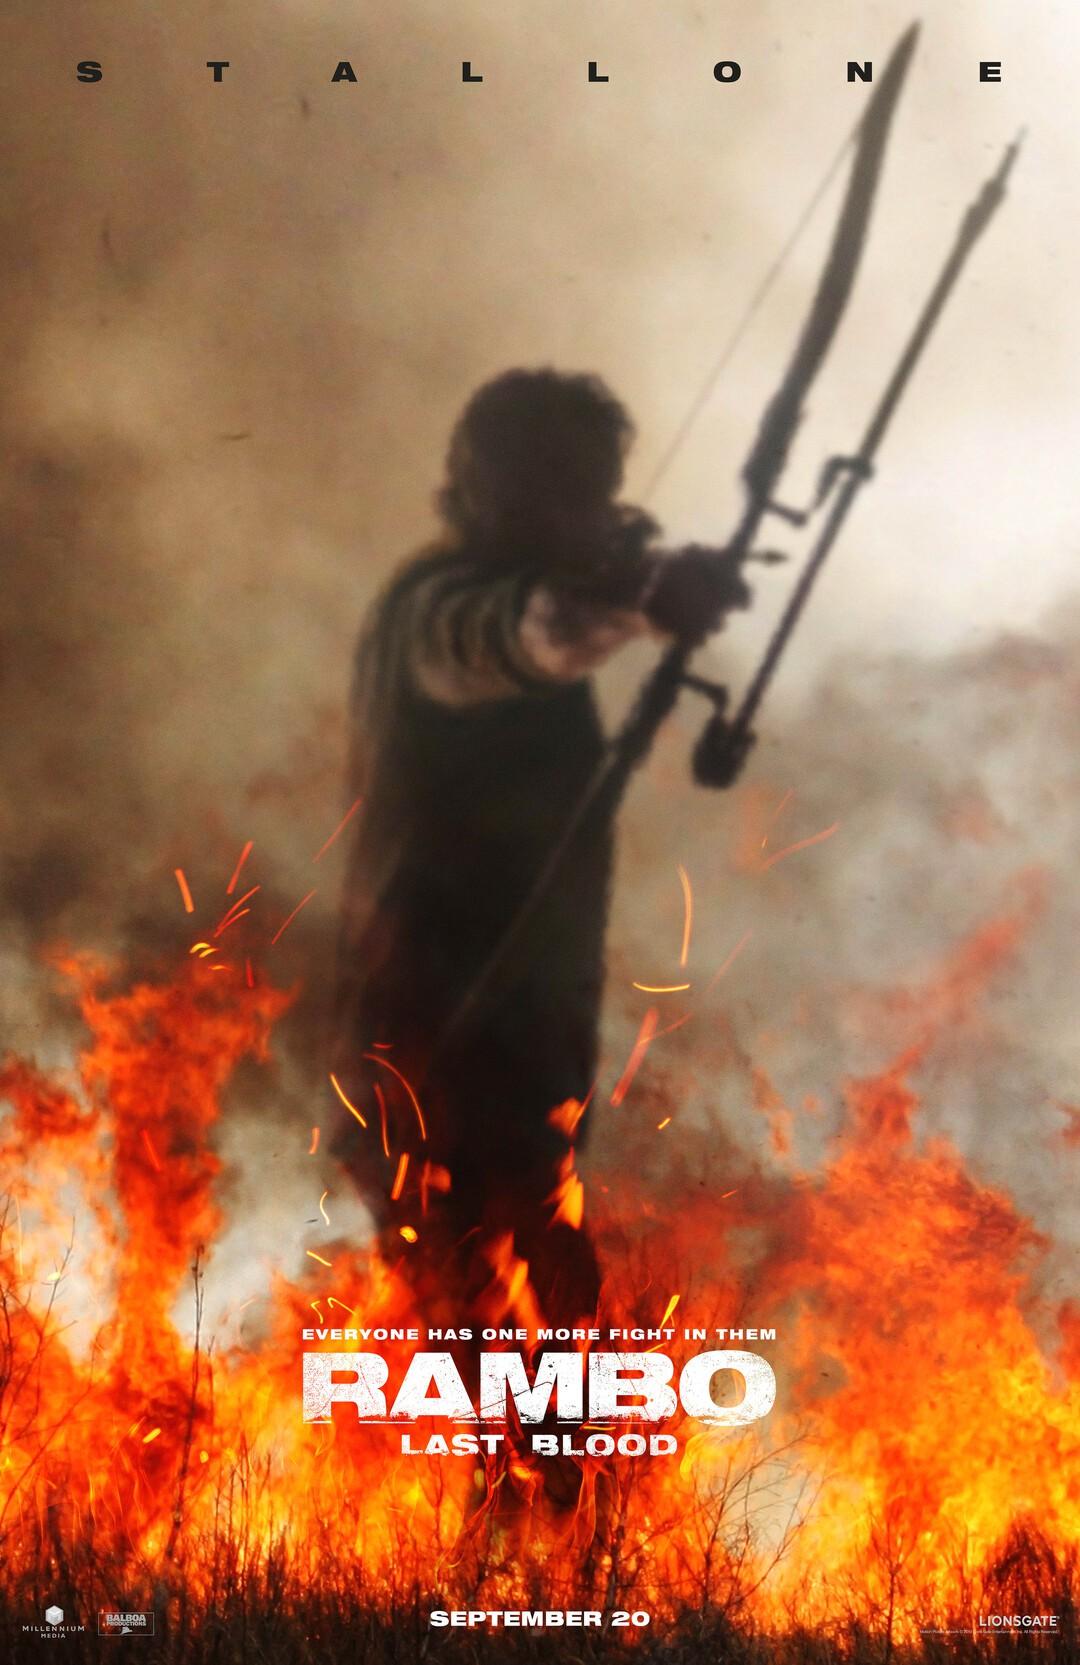 Rambo 5 Trailer - Last Blood - Bild 1 von 4